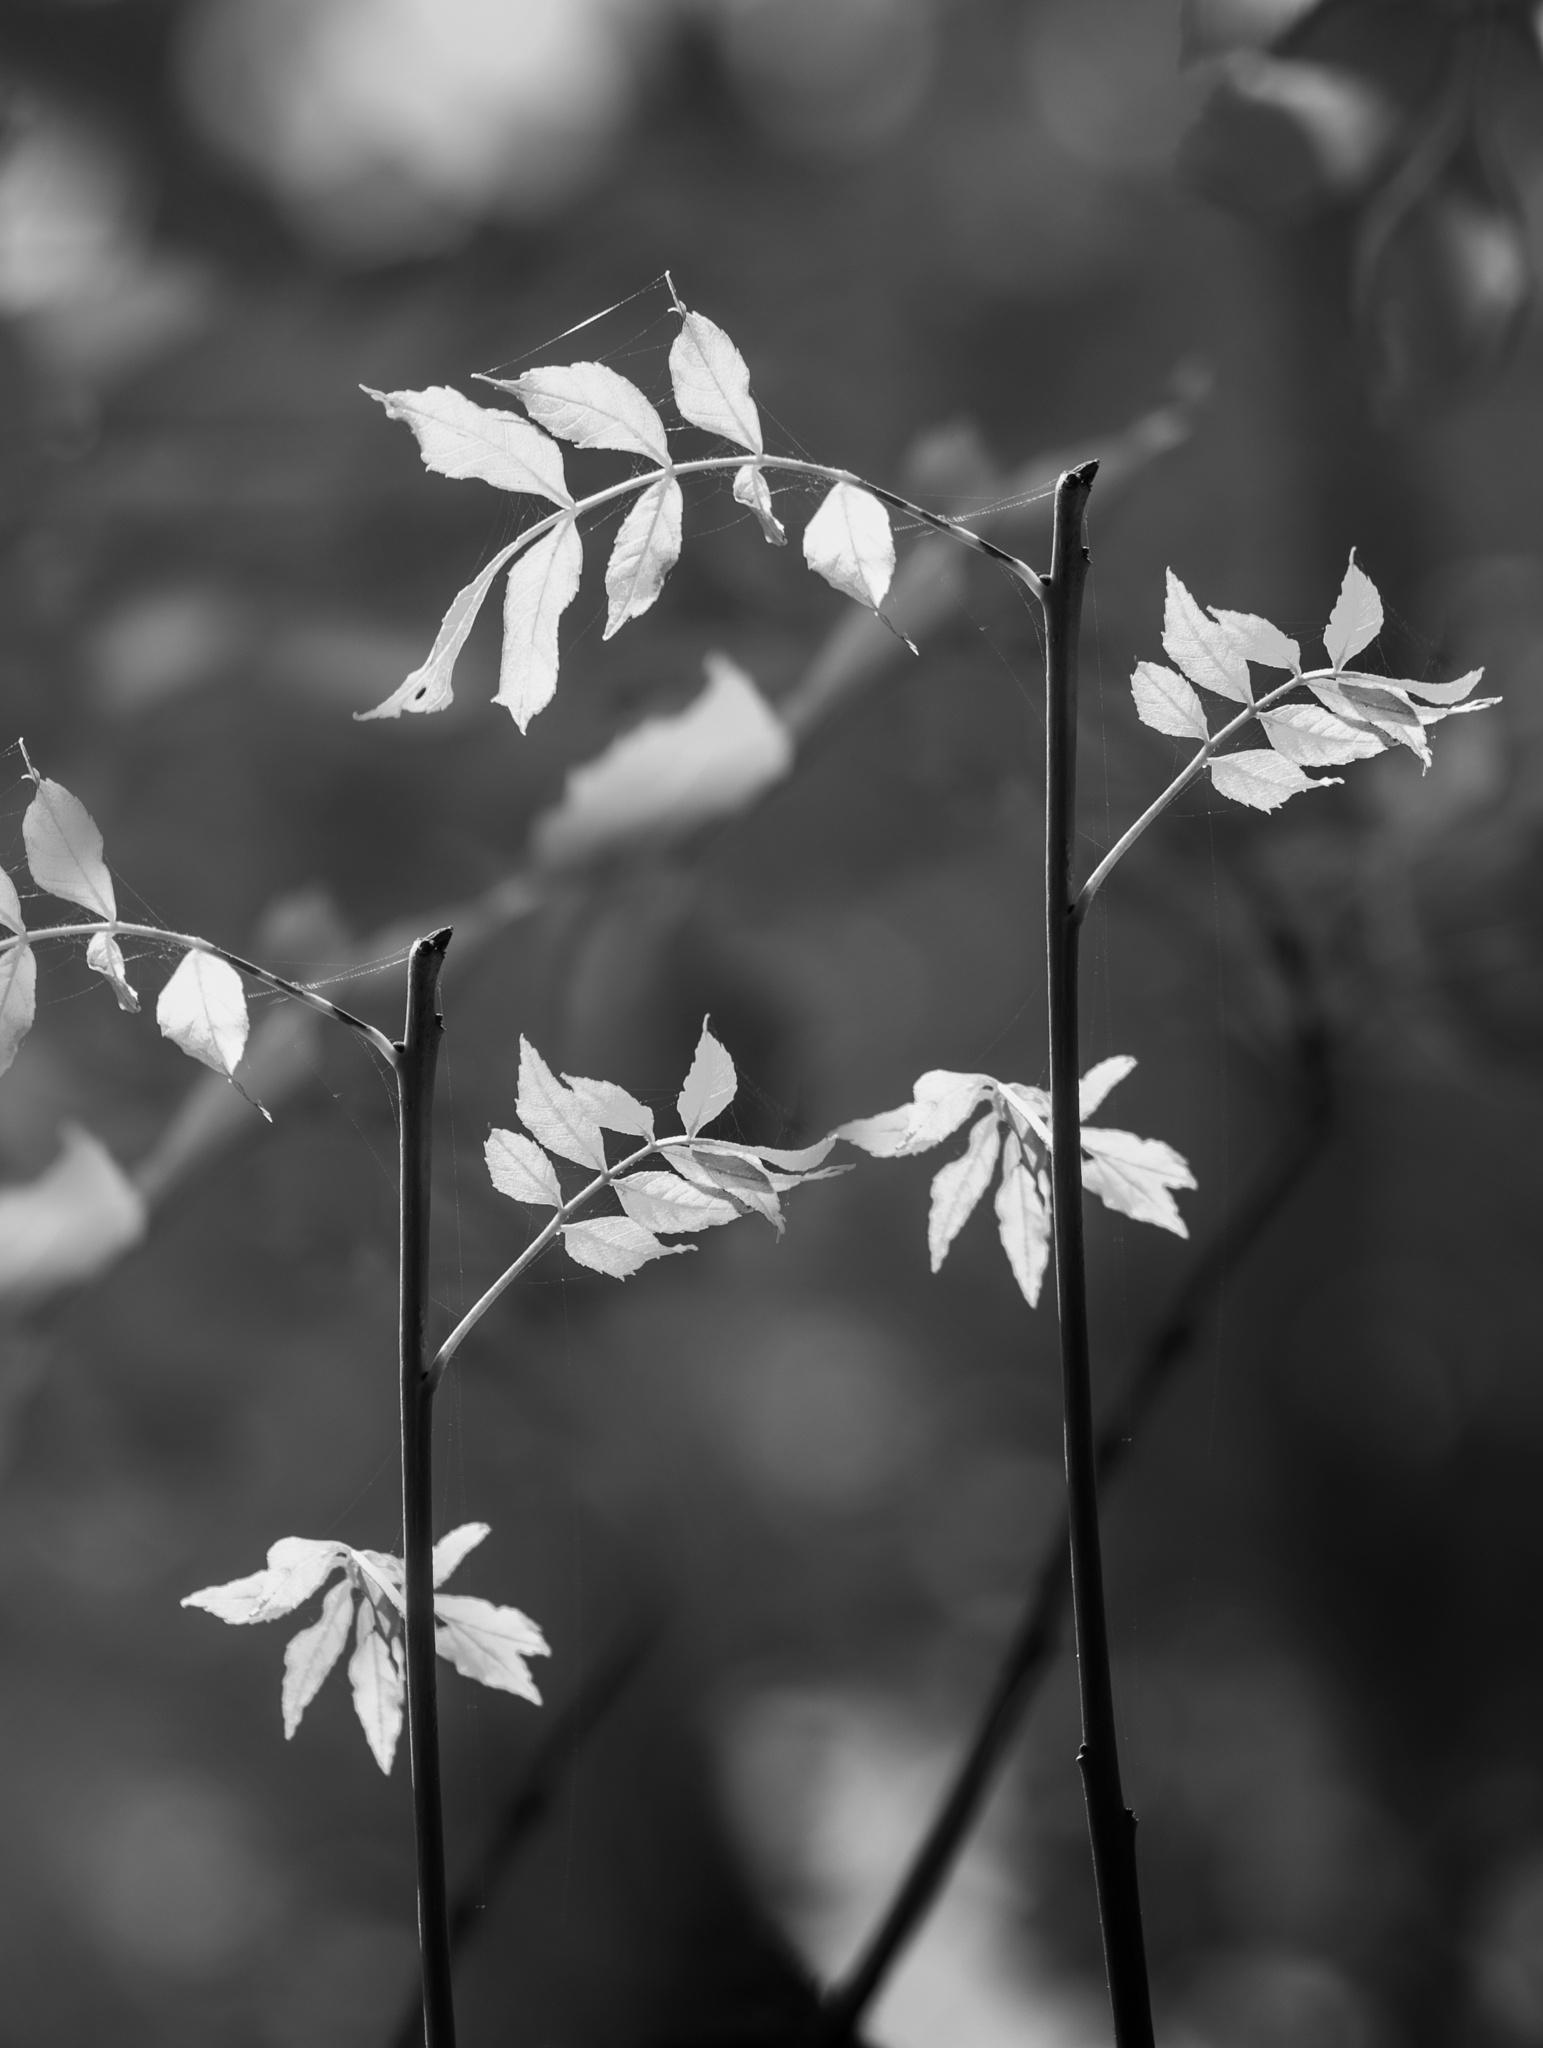 Kissing - leaf study by David Hawkes